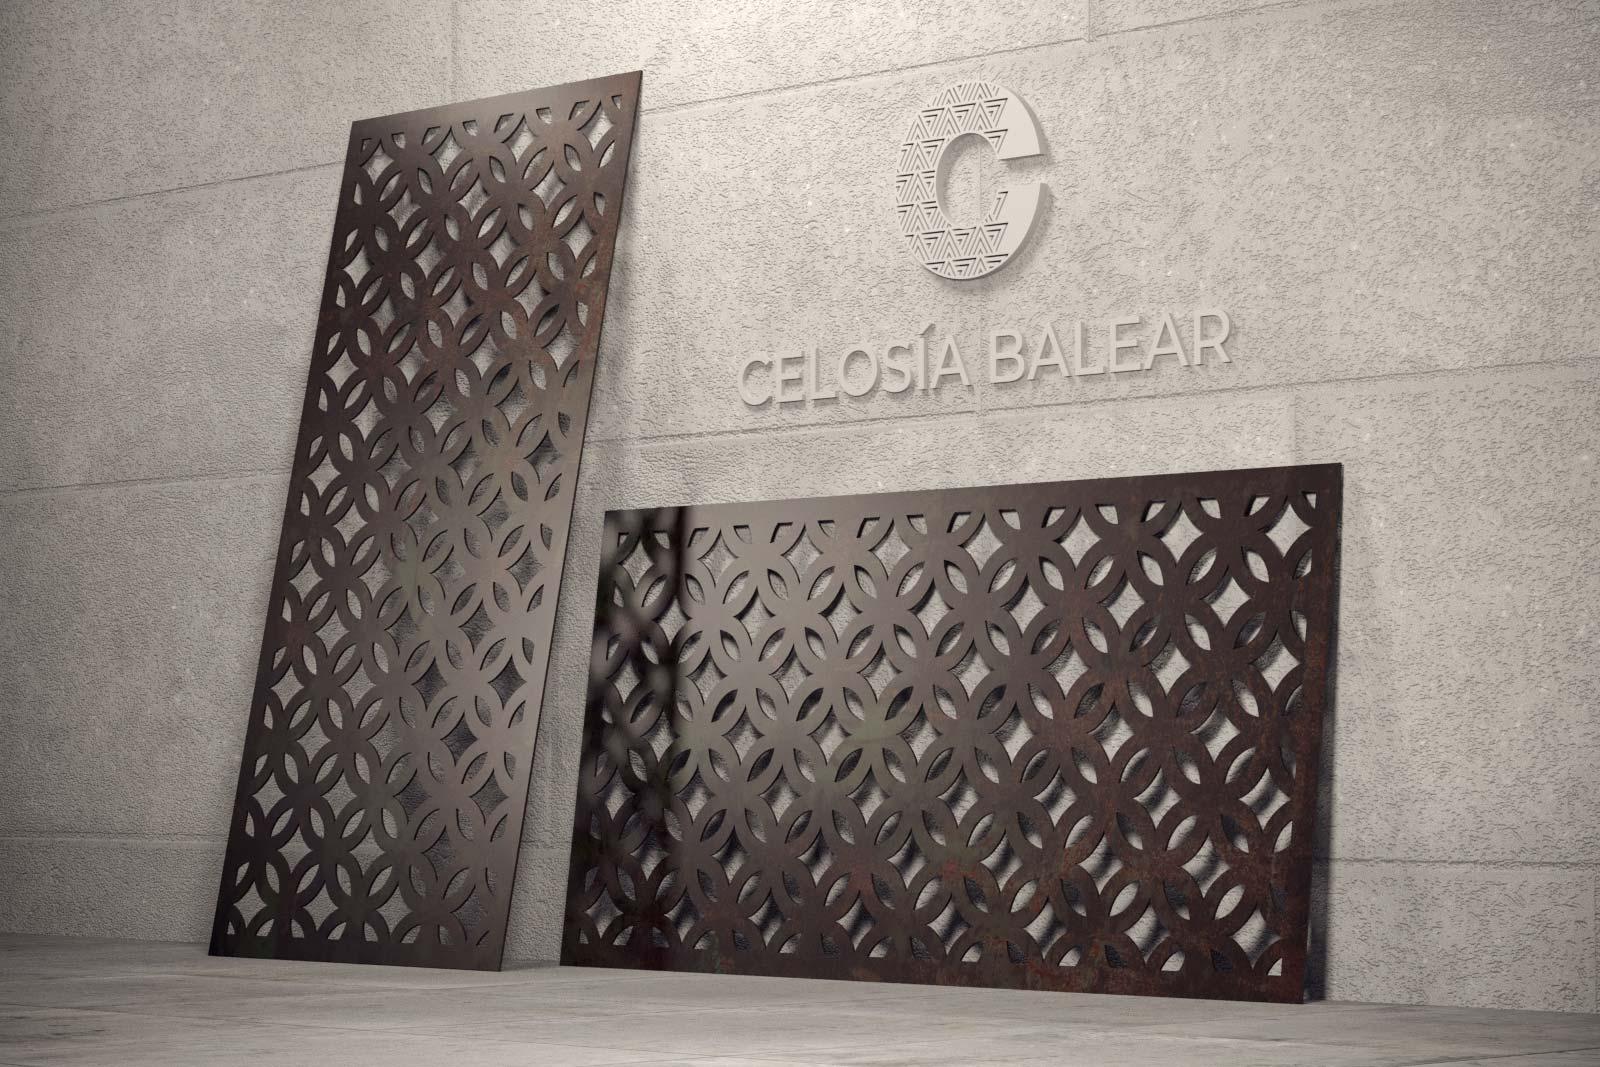 Diseño de interior y exterior de placas de celosías en Mallorca